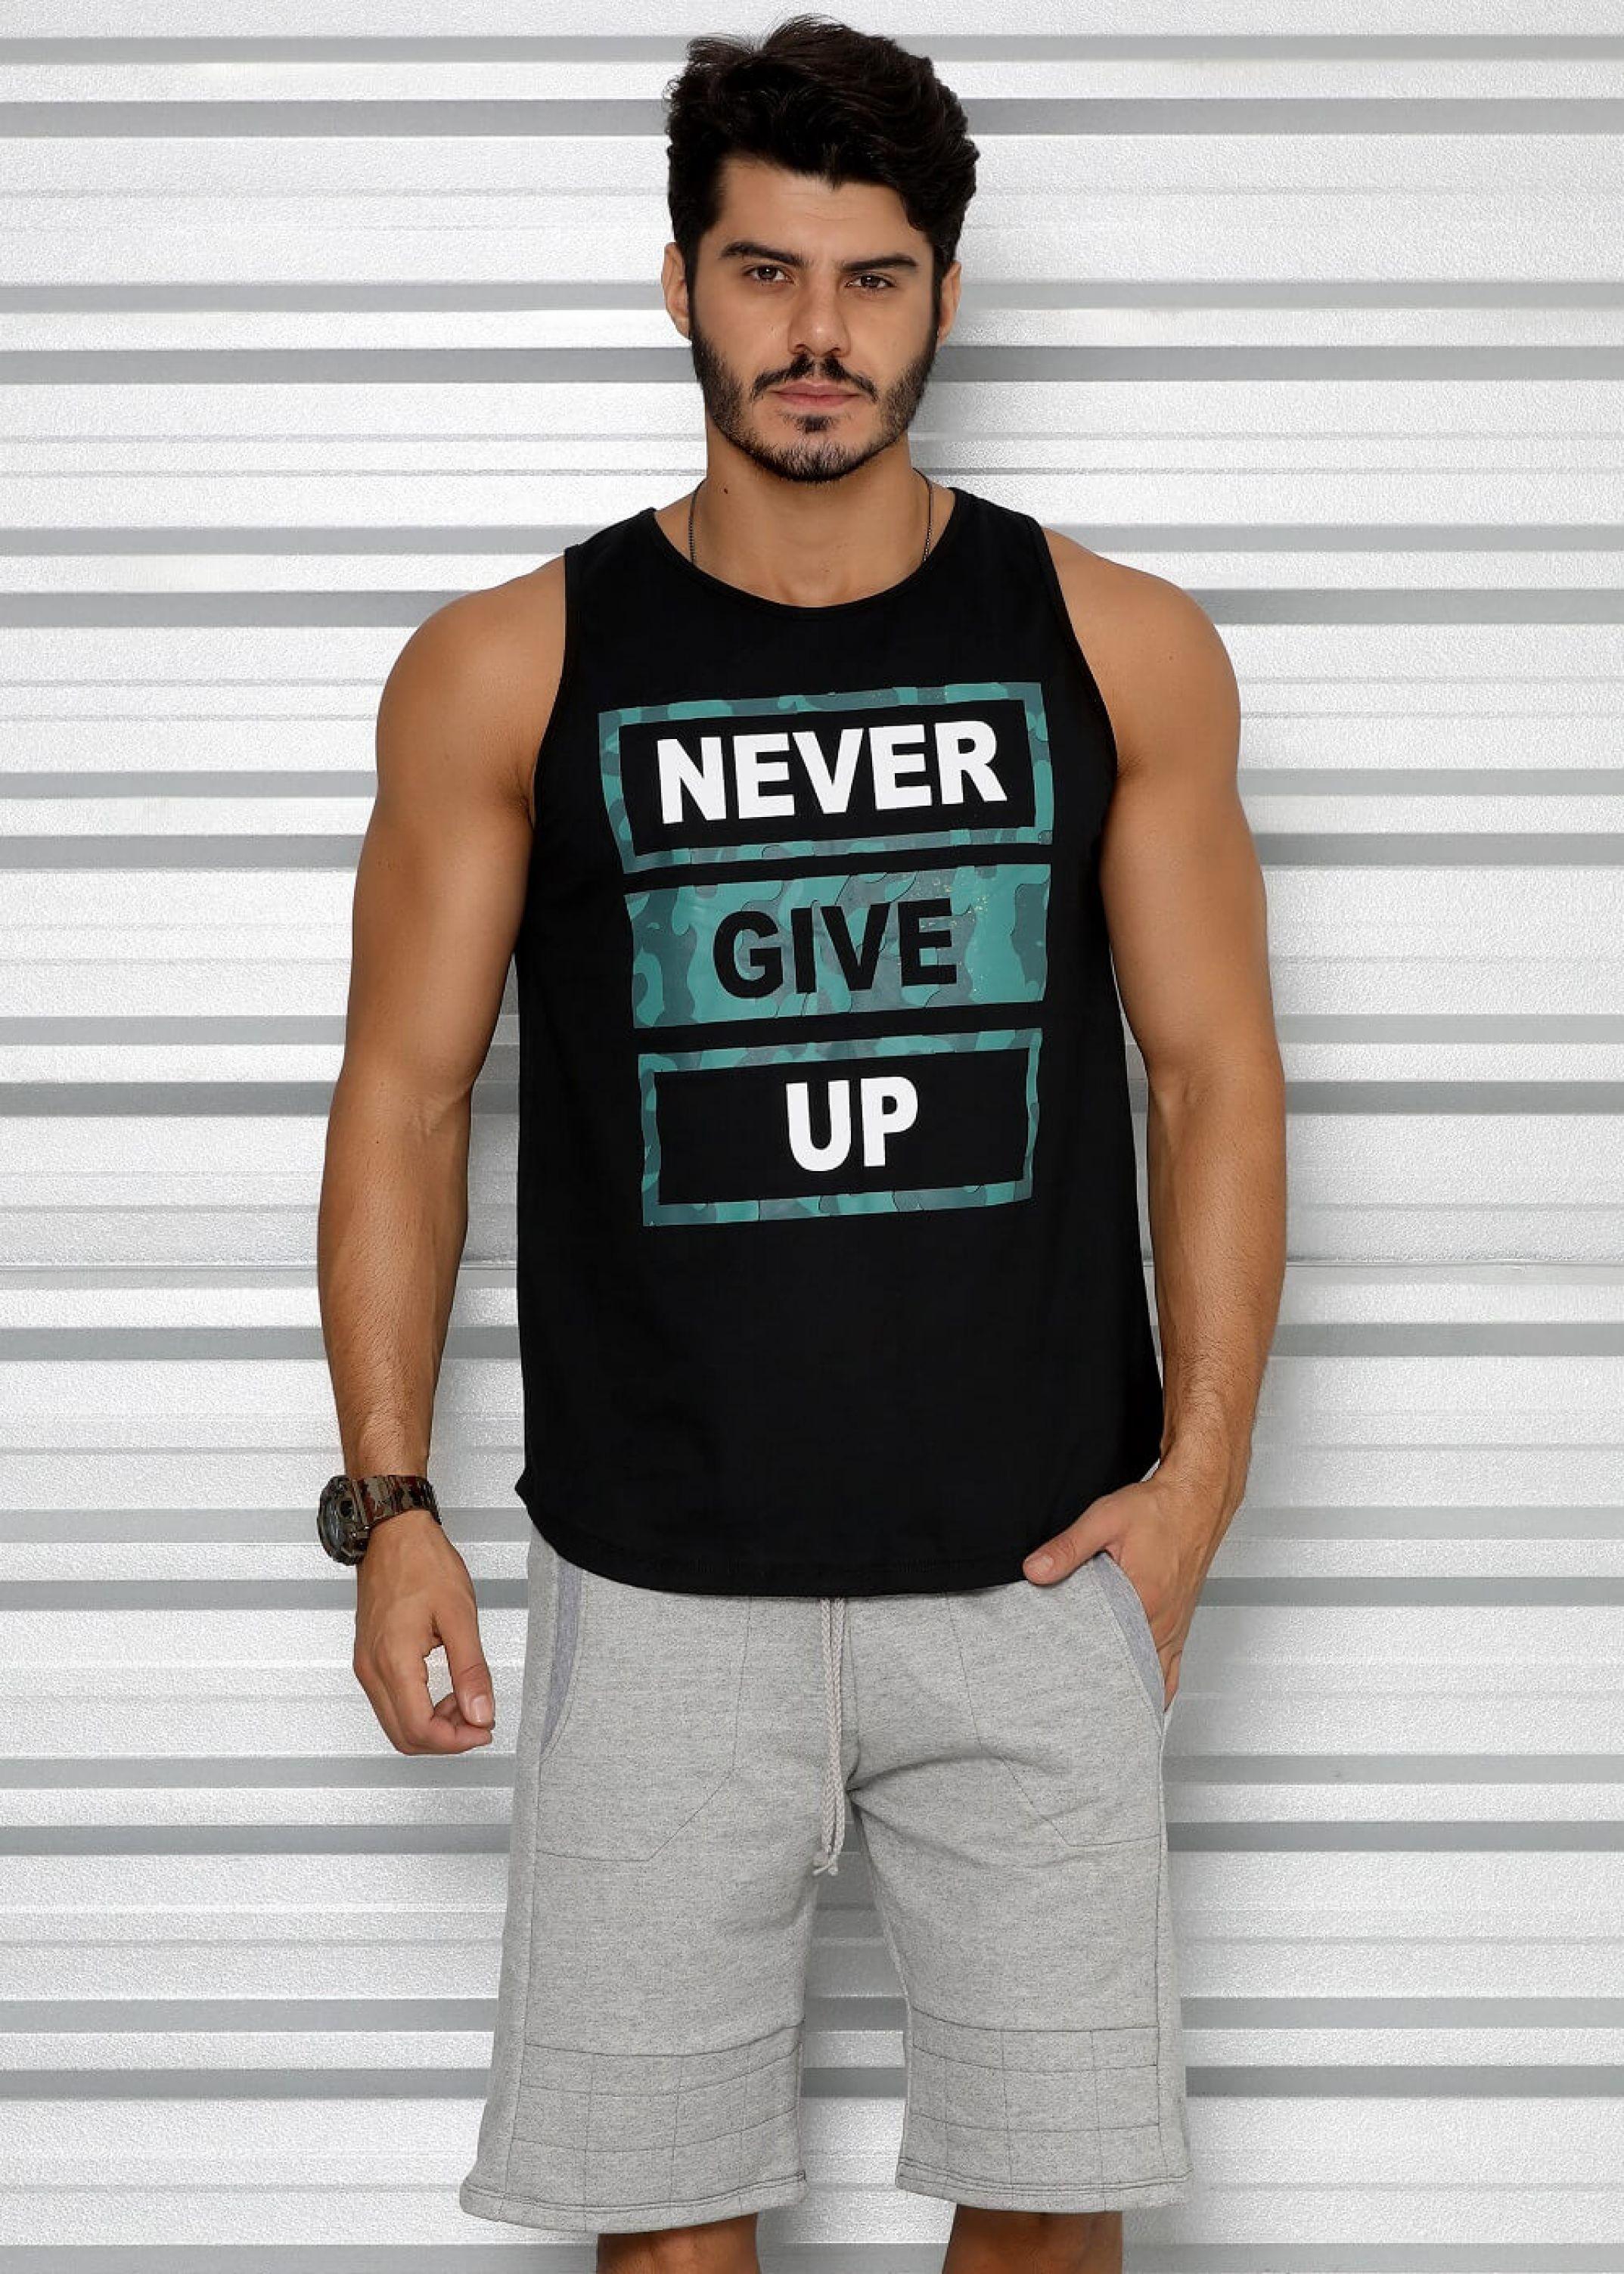 fceb87315 Regata Masculina Tradicional Never Give Up - Donna Carioca - Moda fitness  com preço de fábrica